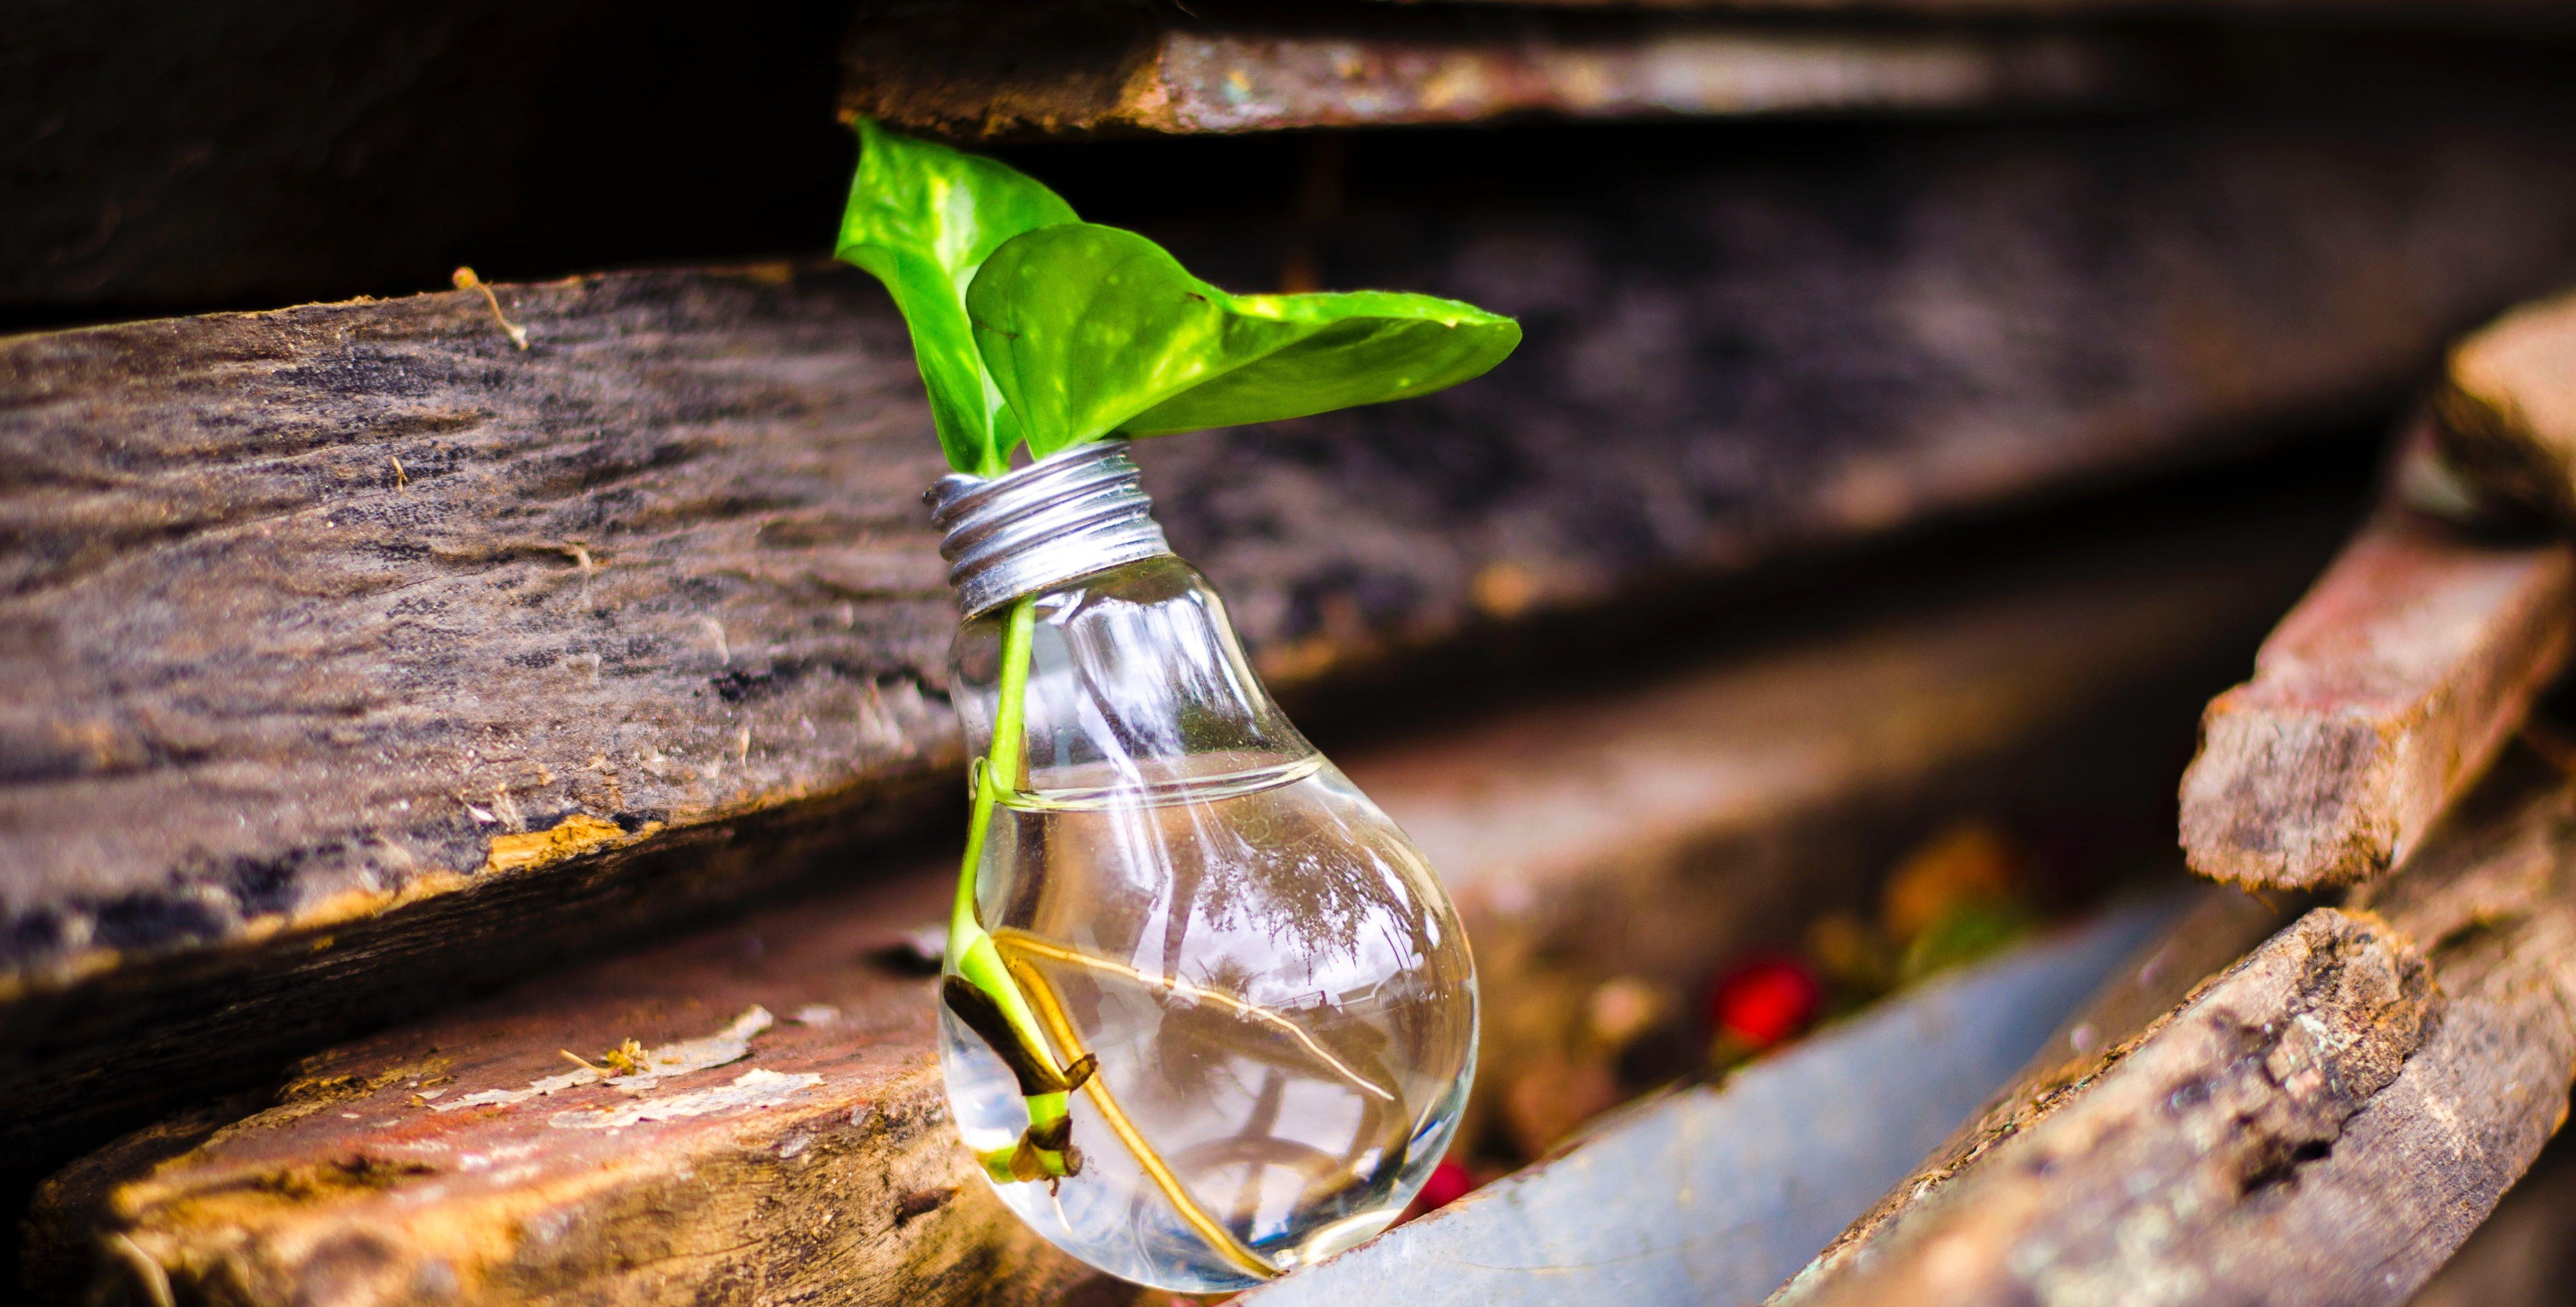 bulb-growth-idea-315658